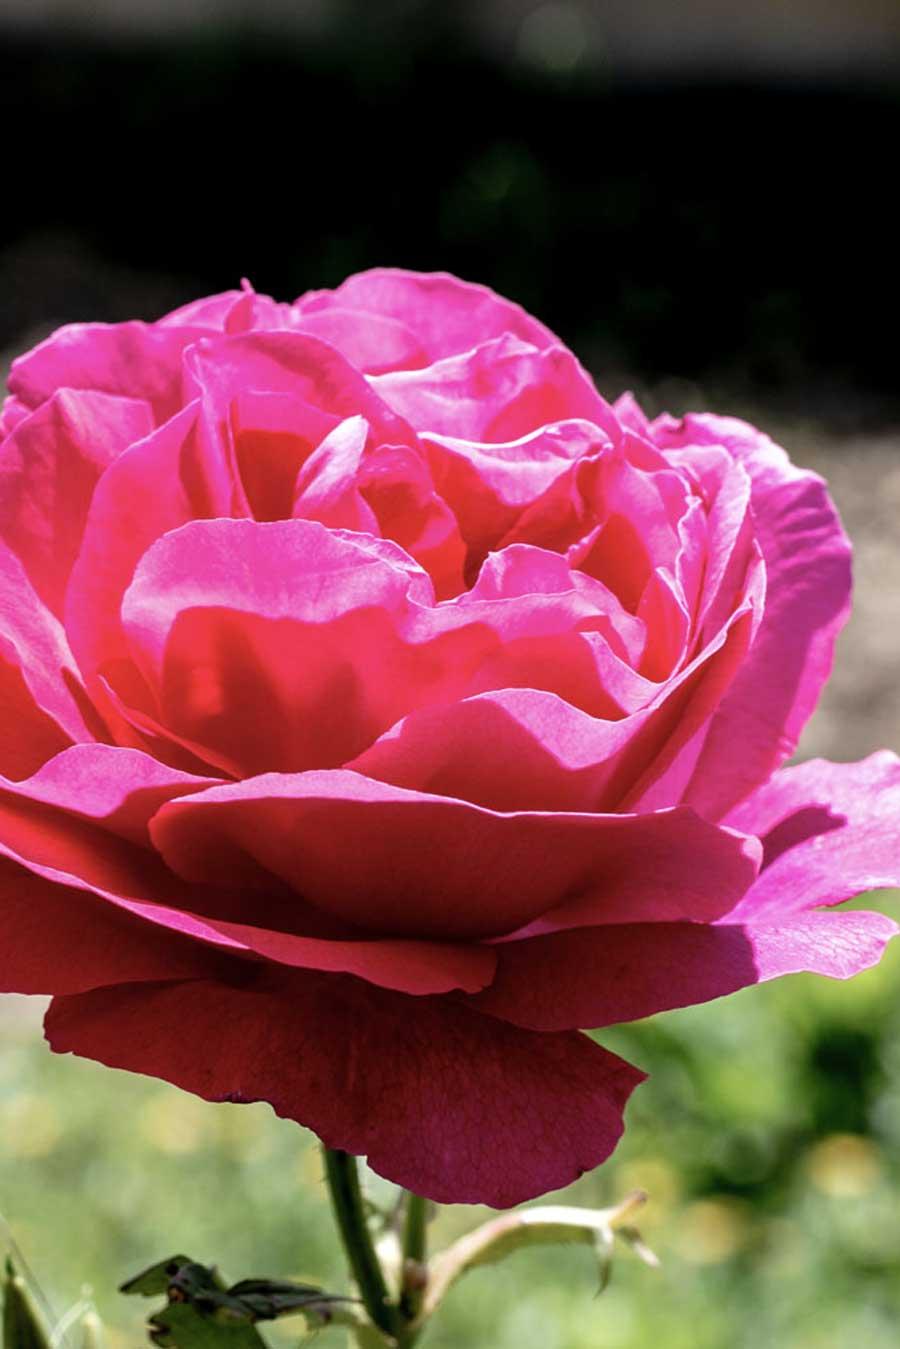 """Varité de rose """"Rosa bruna"""" originaire de Ligurie, en Italie"""